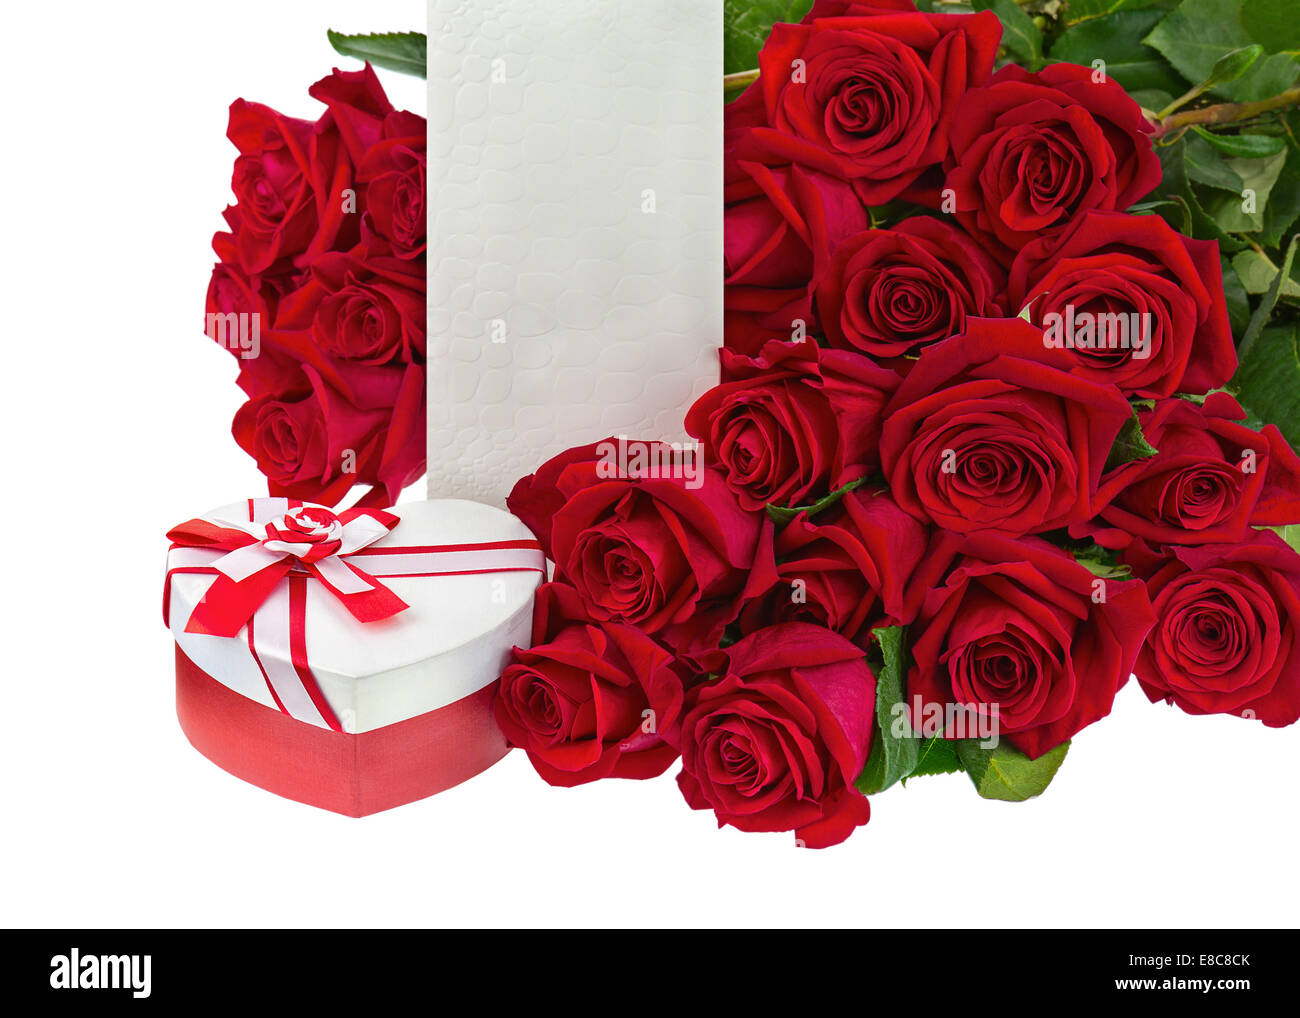 geschenk box in form des herzens und der strau aus rosen blumen isolated on white background. Black Bedroom Furniture Sets. Home Design Ideas